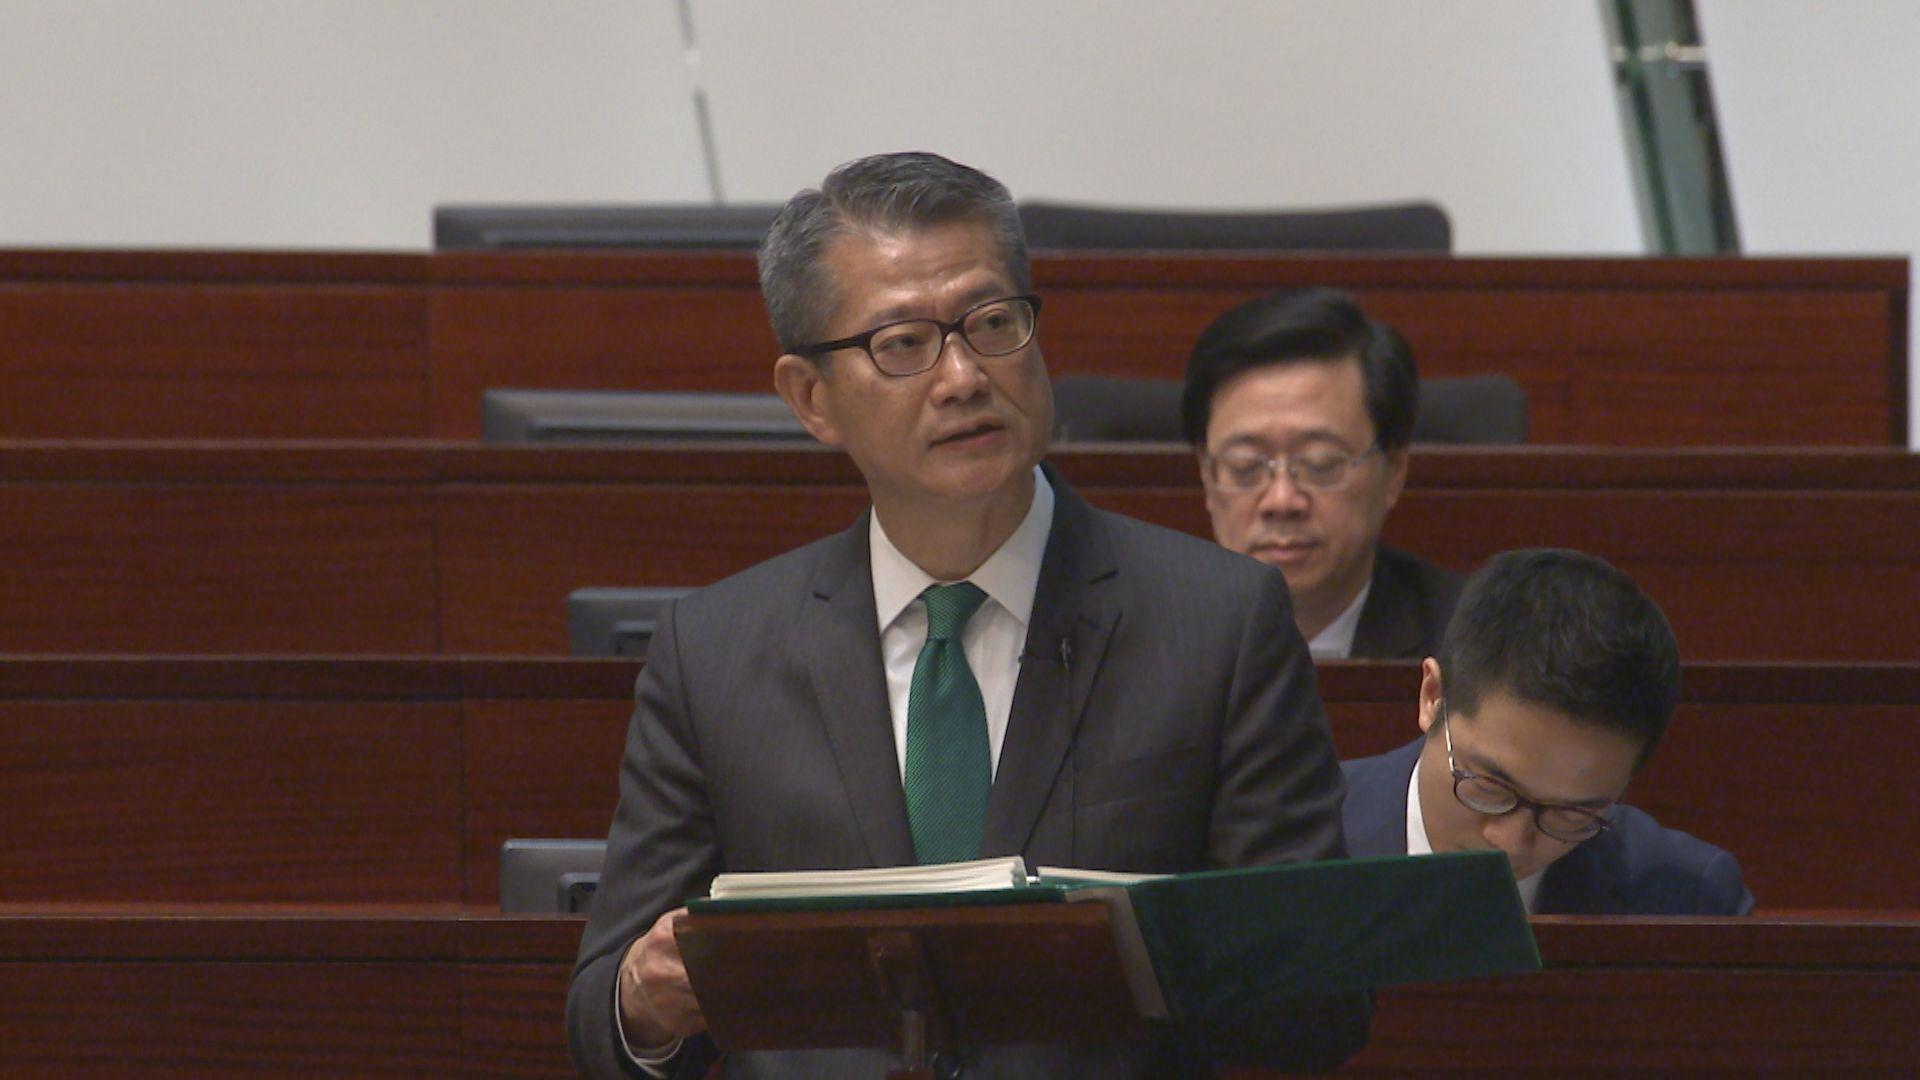 陳茂波:需梳理社會問題核心研究對策